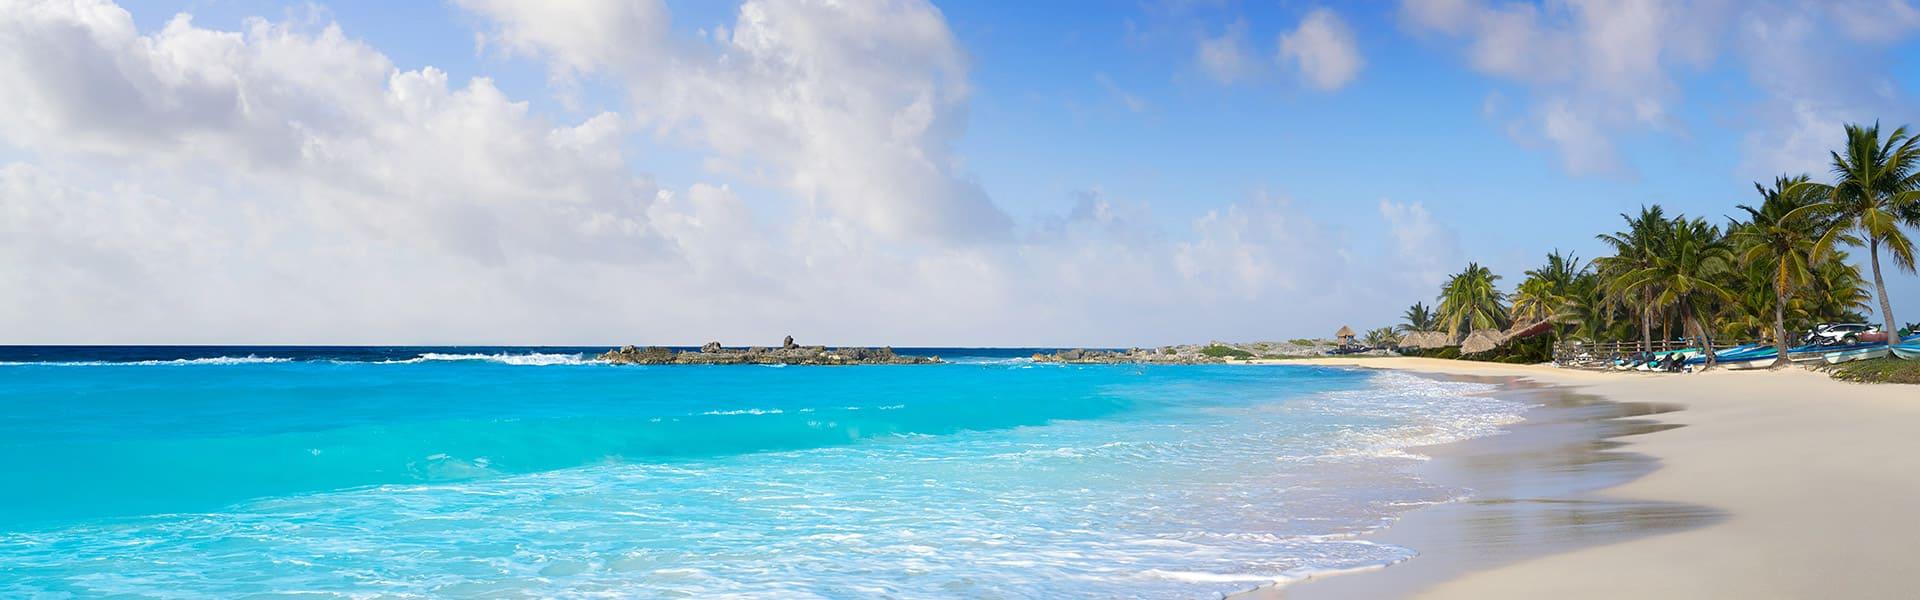 האיים הקריביים: קוסומלוקוסטהמאיה